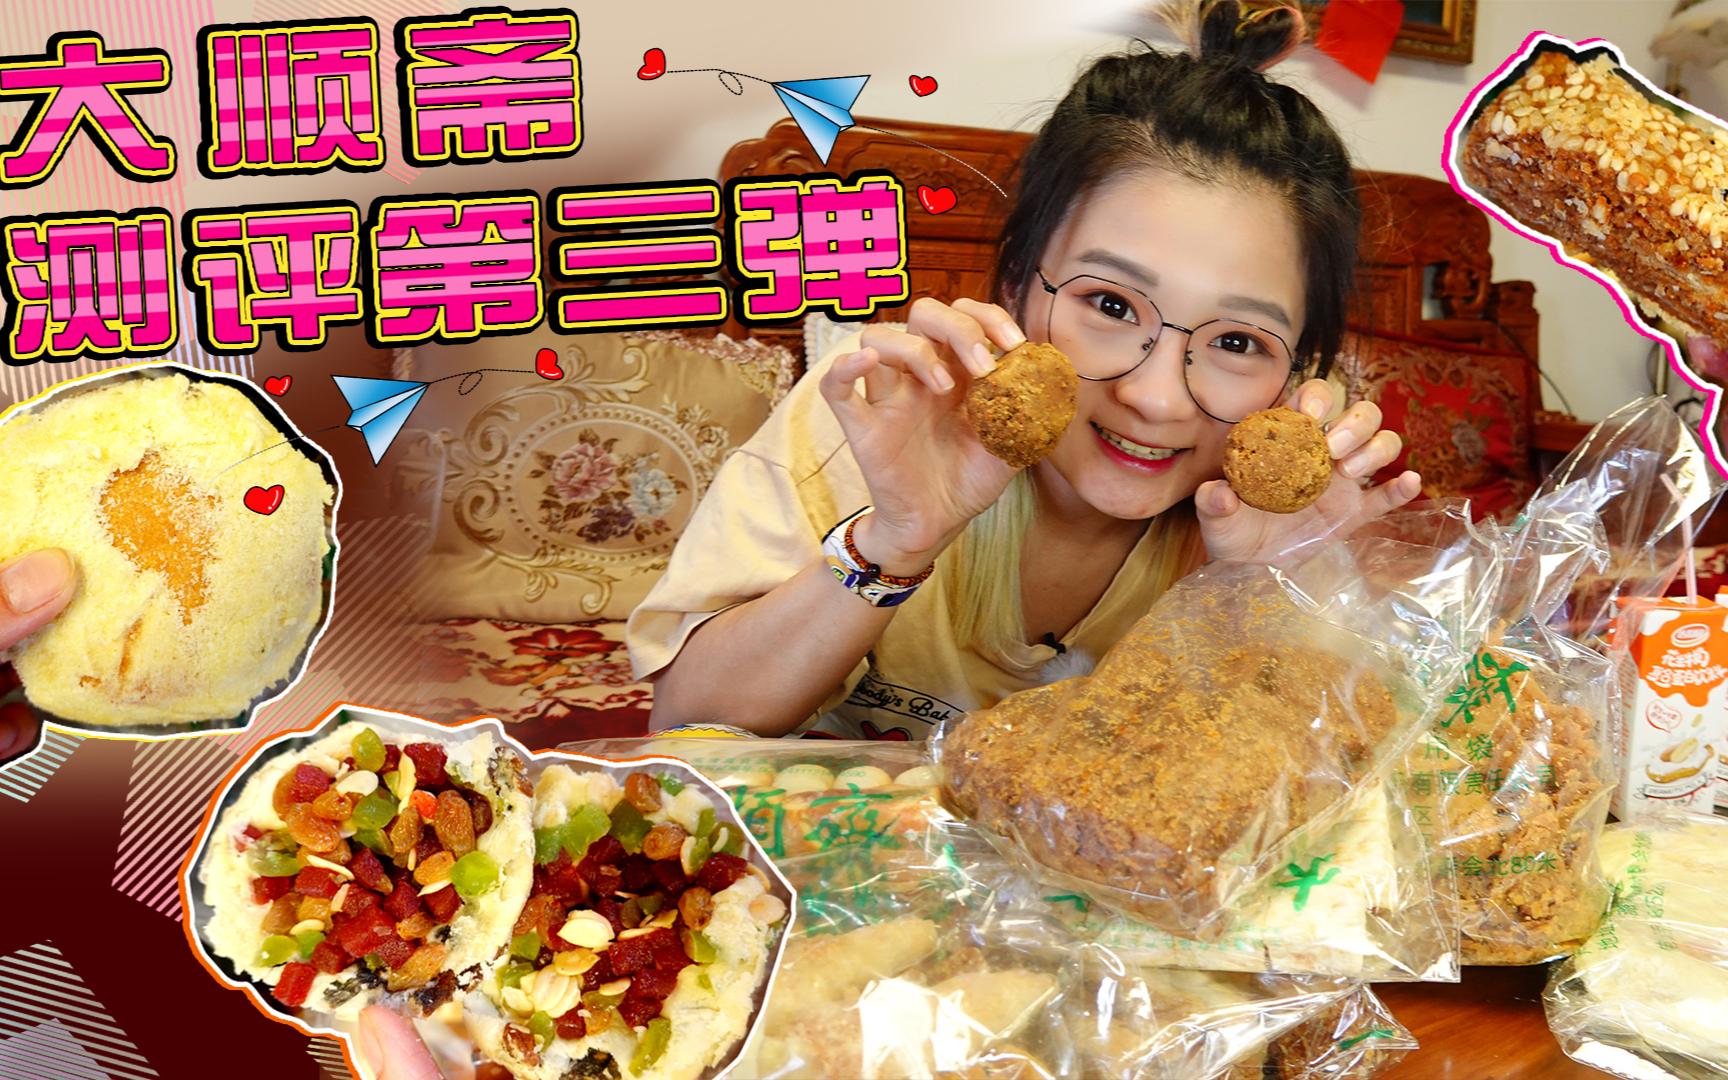 【逛吃北京】大顺斋糕点新品测评!糖火烧、麻酱条依旧是最好吃~